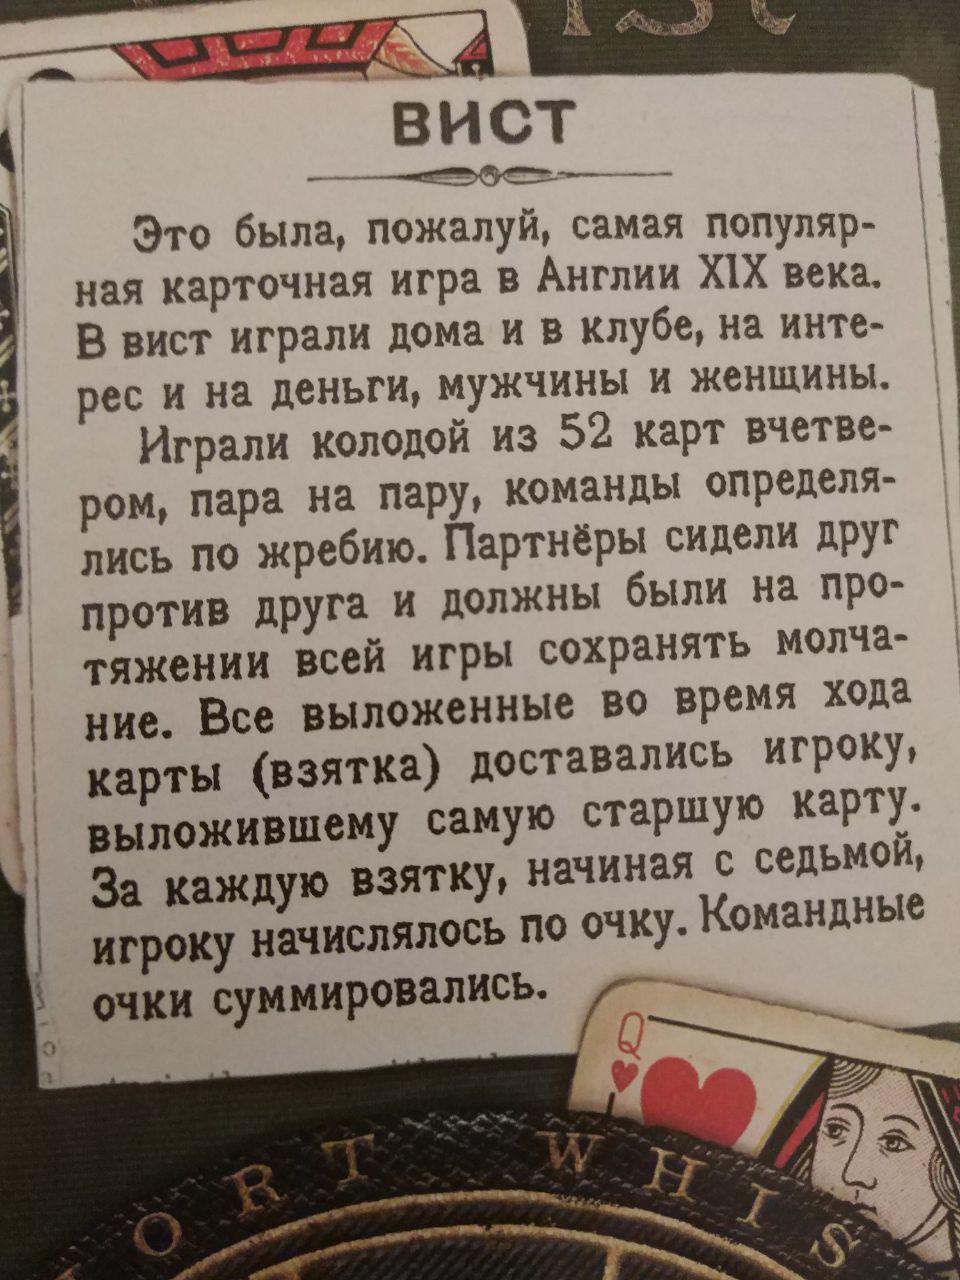 http://sa.uploads.ru/uBWFX.jpg